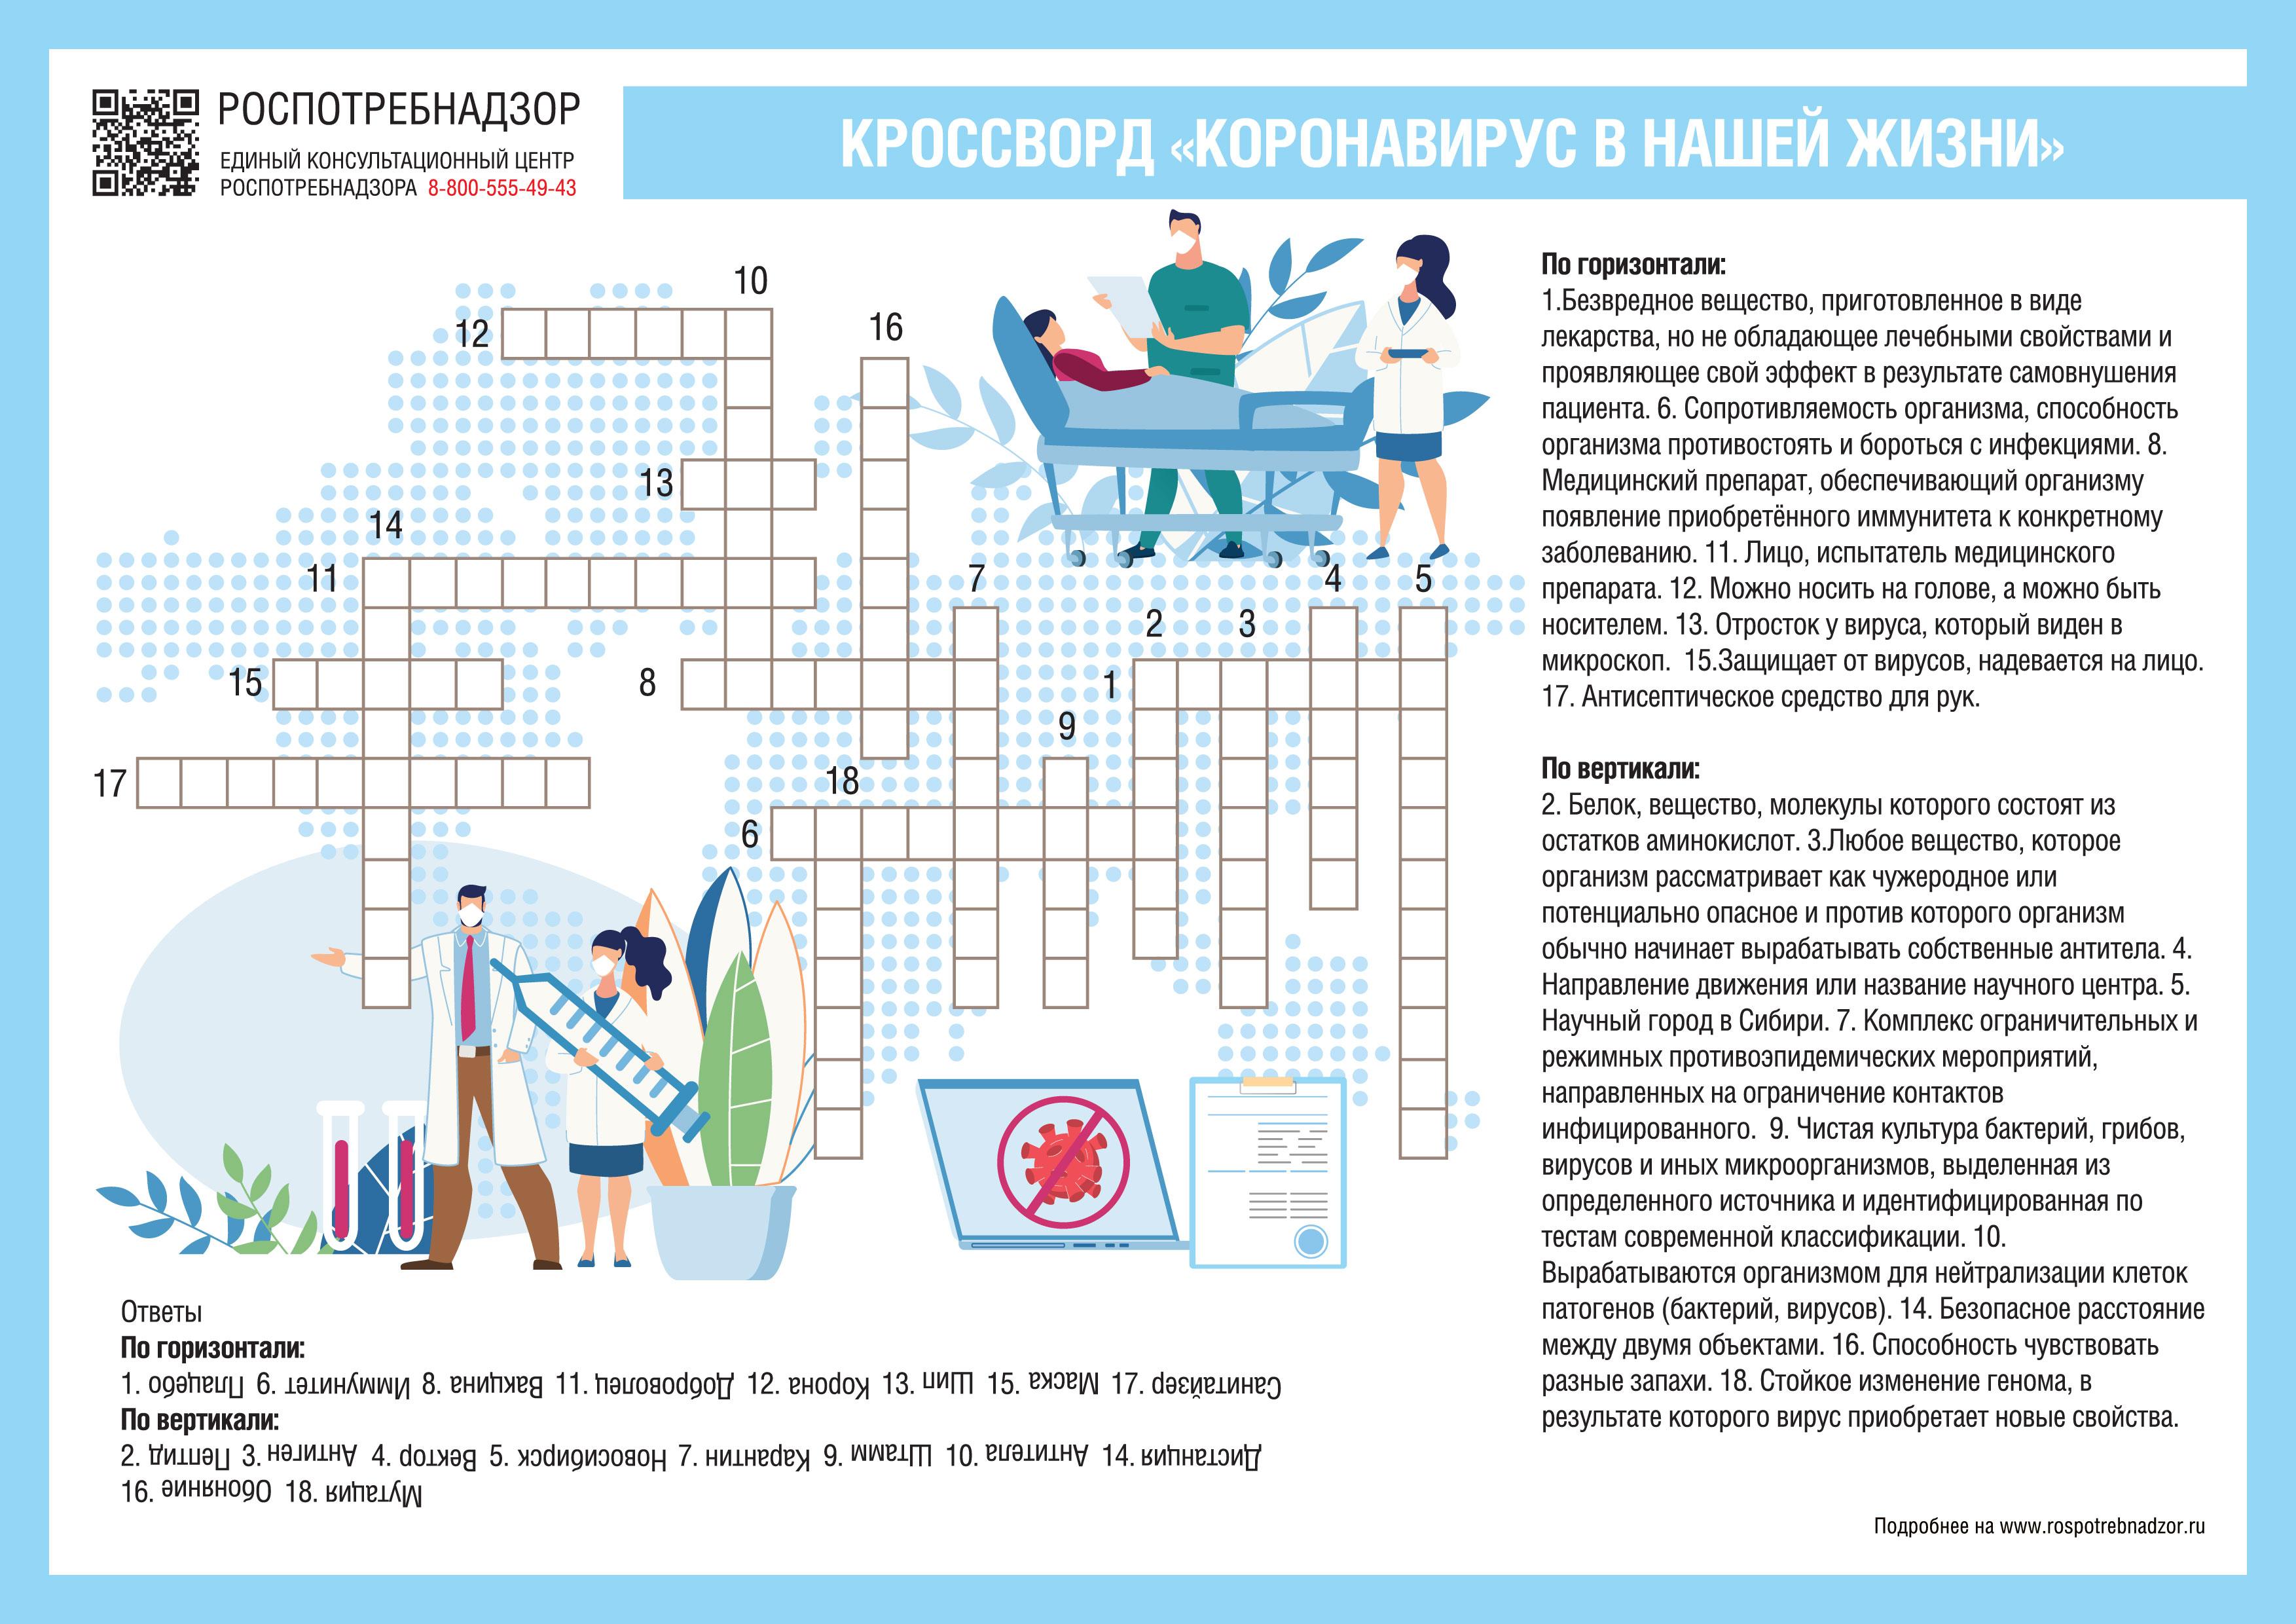 О публикации тематического кроссворда к Дню российской науки